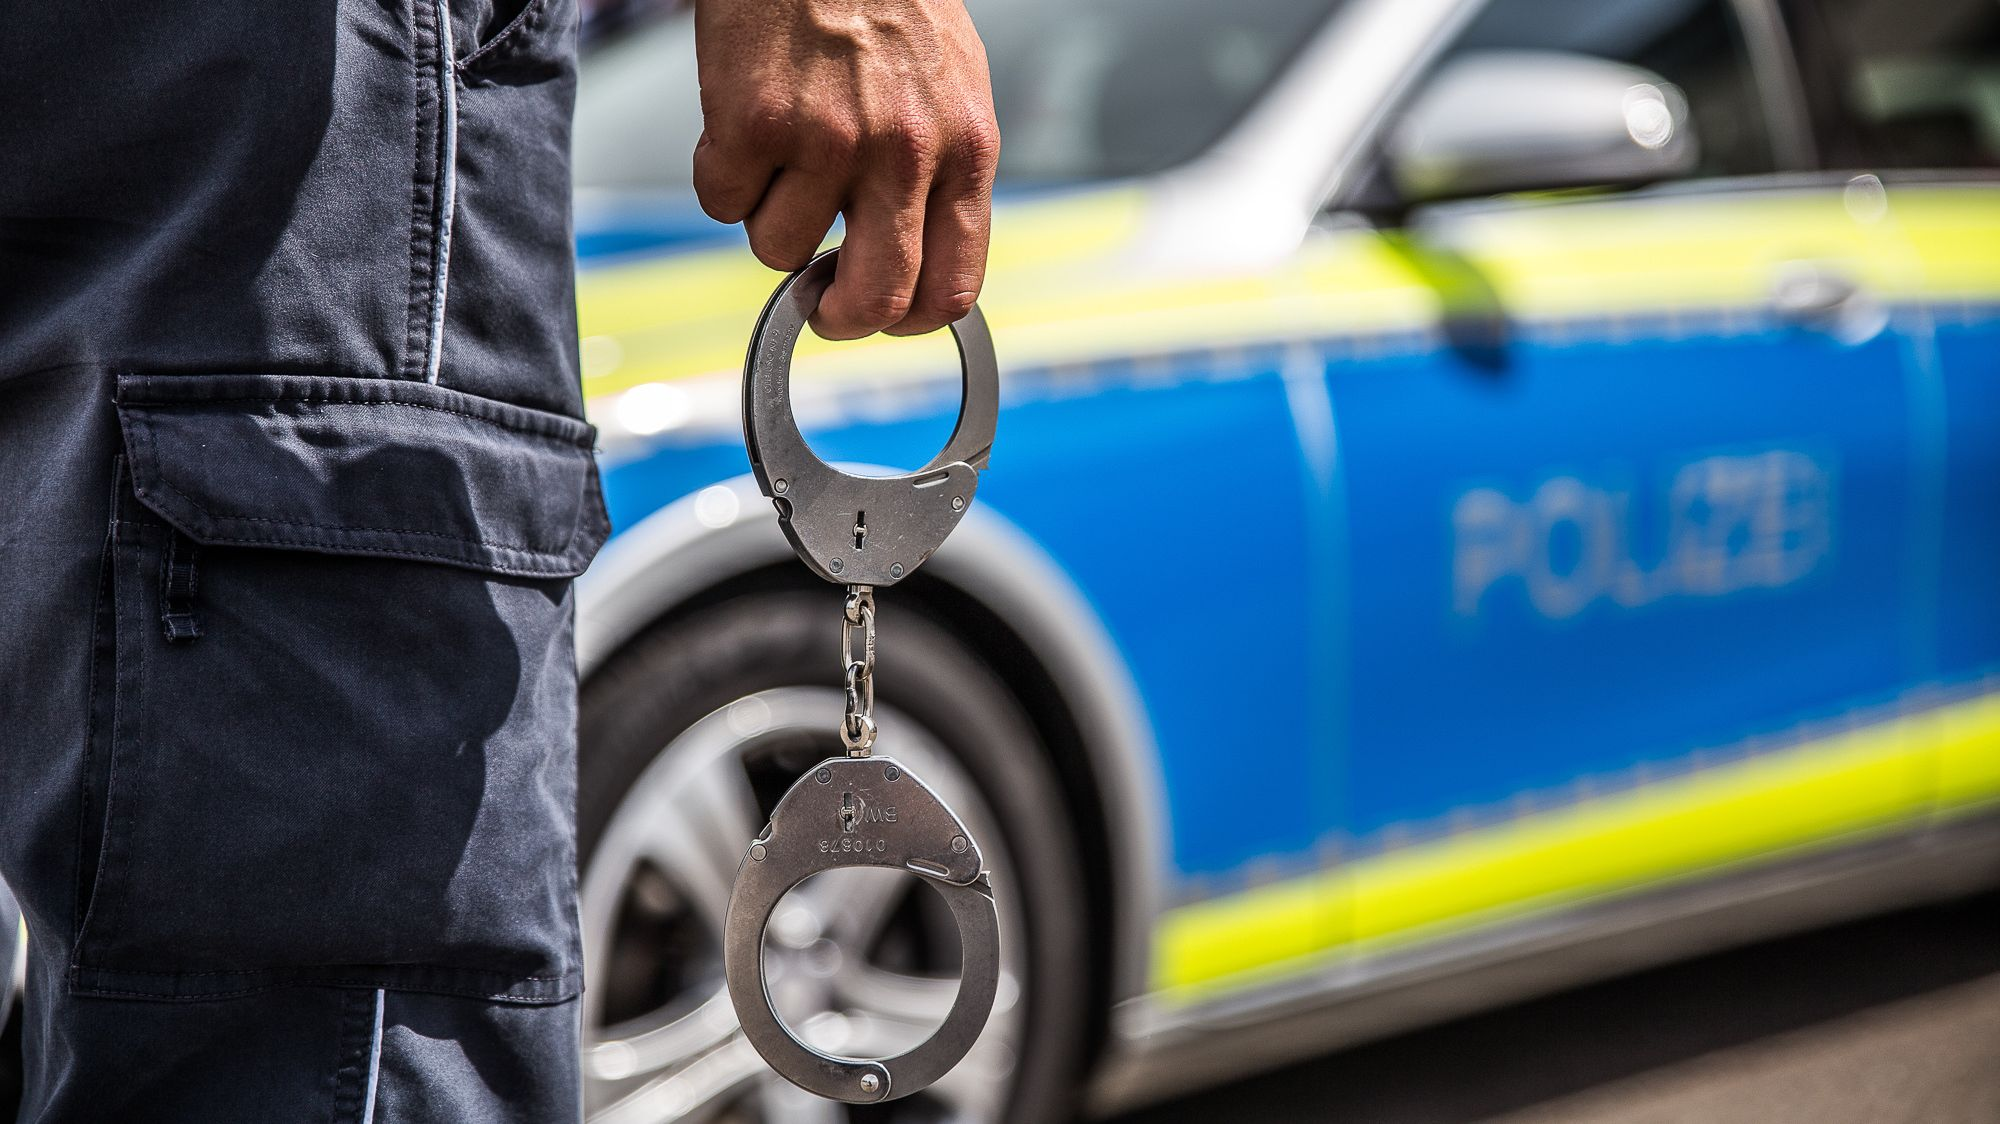 Messerstich gegen 42-Jährigen in Großwallstadt